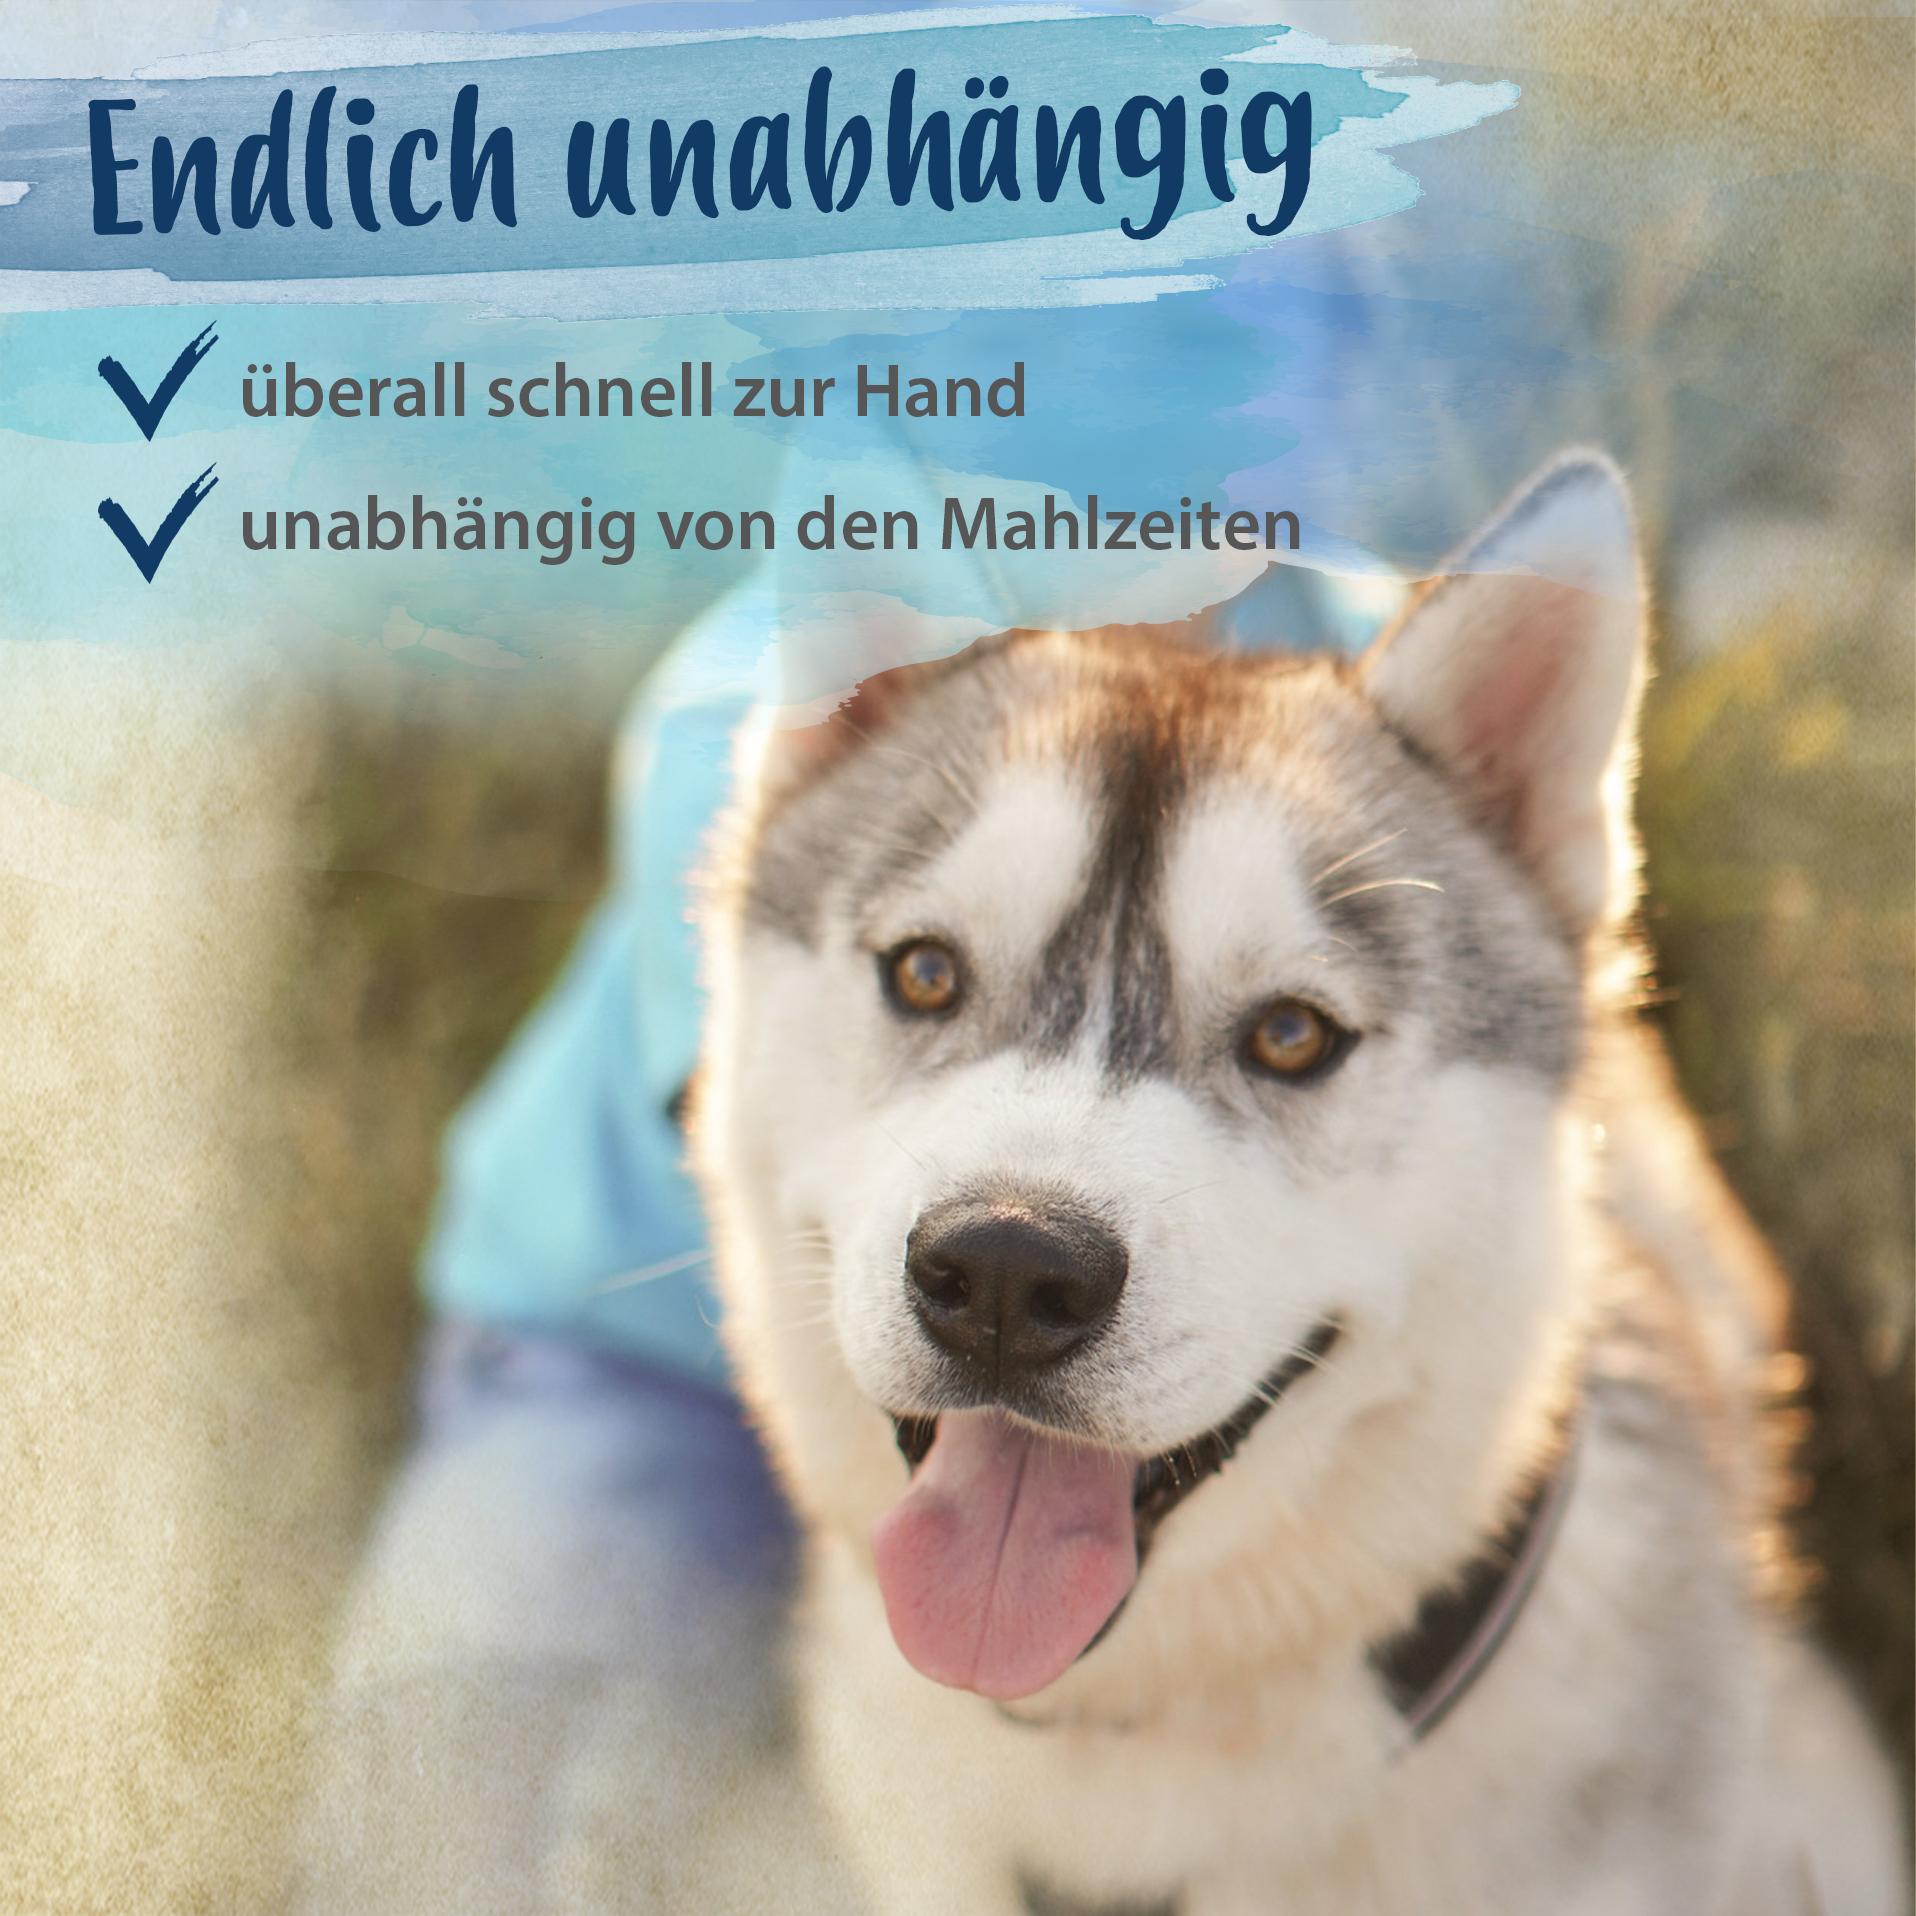 Sportsfreund - für starke Hunde Gelenke, Gelenkfunktion & Beweglichkeit - 200 g